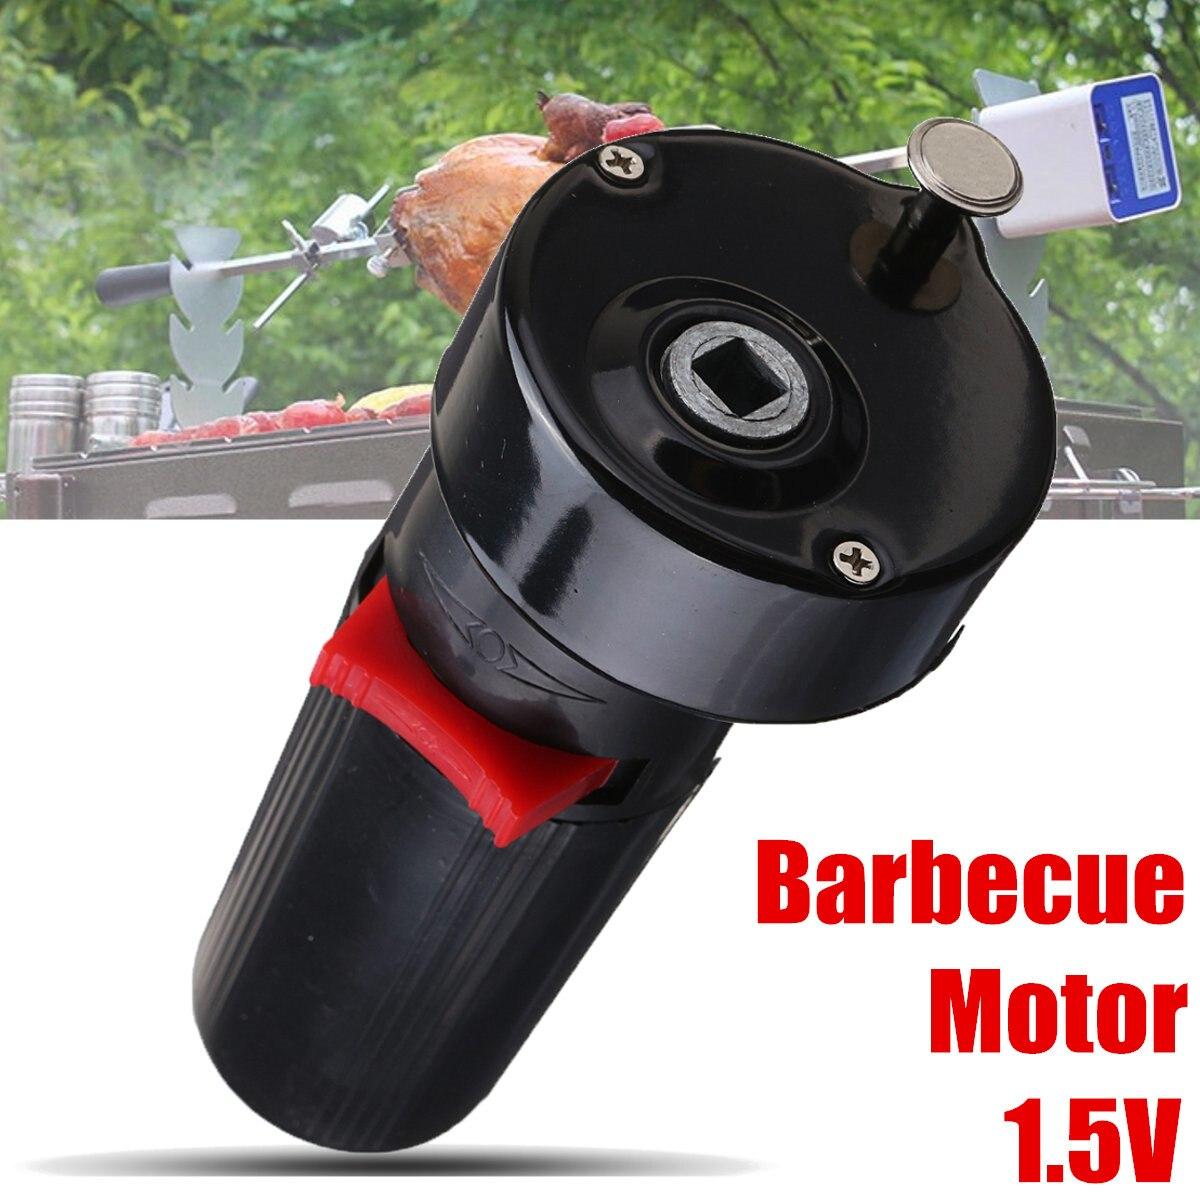 1.5 V Batteria nero Barbecue Ruotato di Spit Motor Barbecue Griglia1.5 V Batteria nero Barbecue Ruotato di Spit Motor Barbecue Griglia